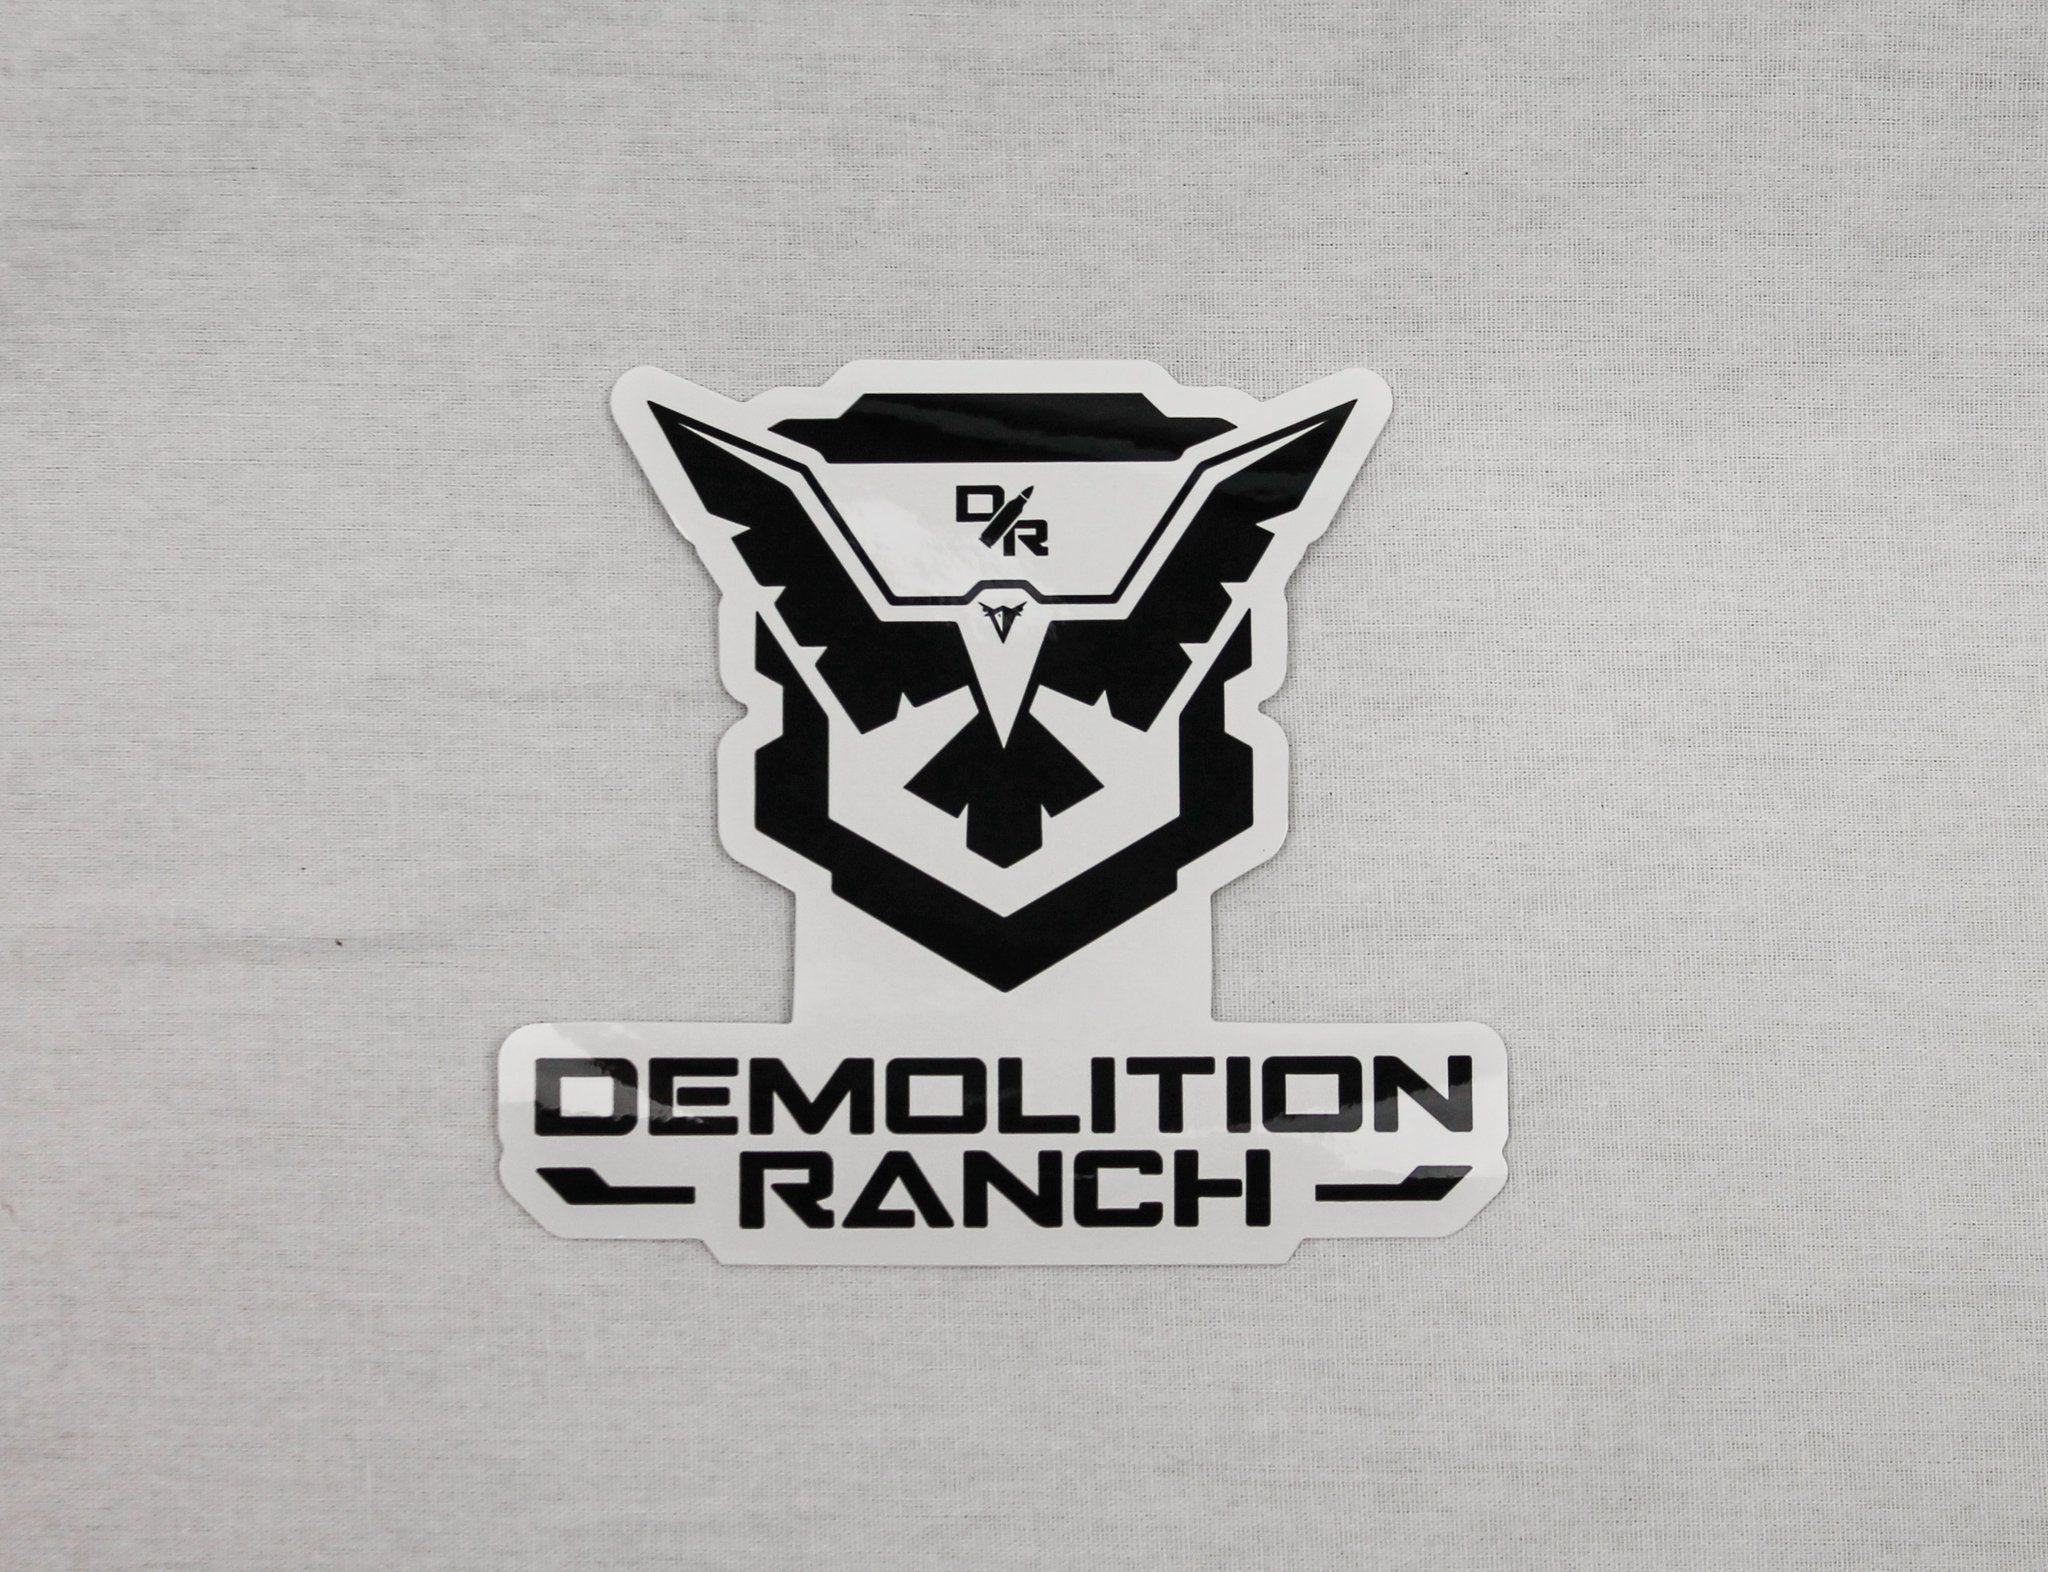 Demolition Ranch Sticker Demolition Ranch Logo Sticker